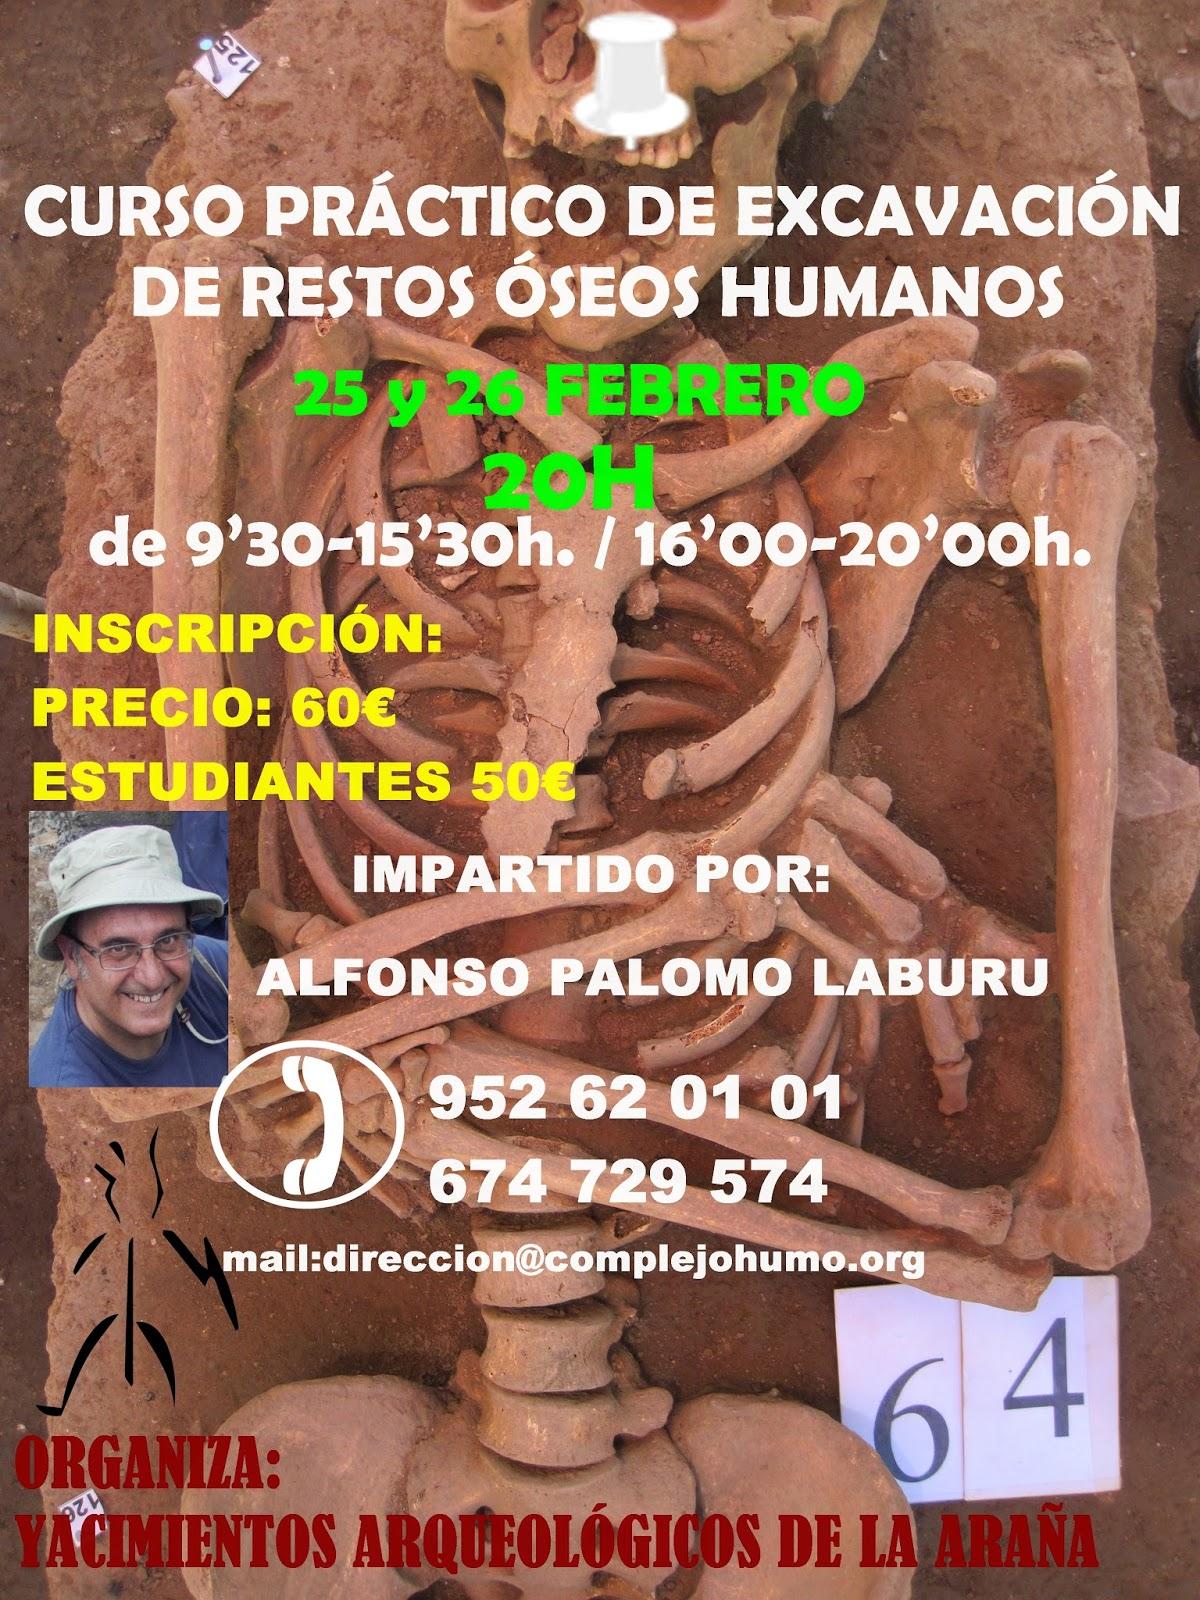 Yacimientos Arqueológicos de la Araña: CURSO PRÁCTICO DE EXCAVACIÓN ...